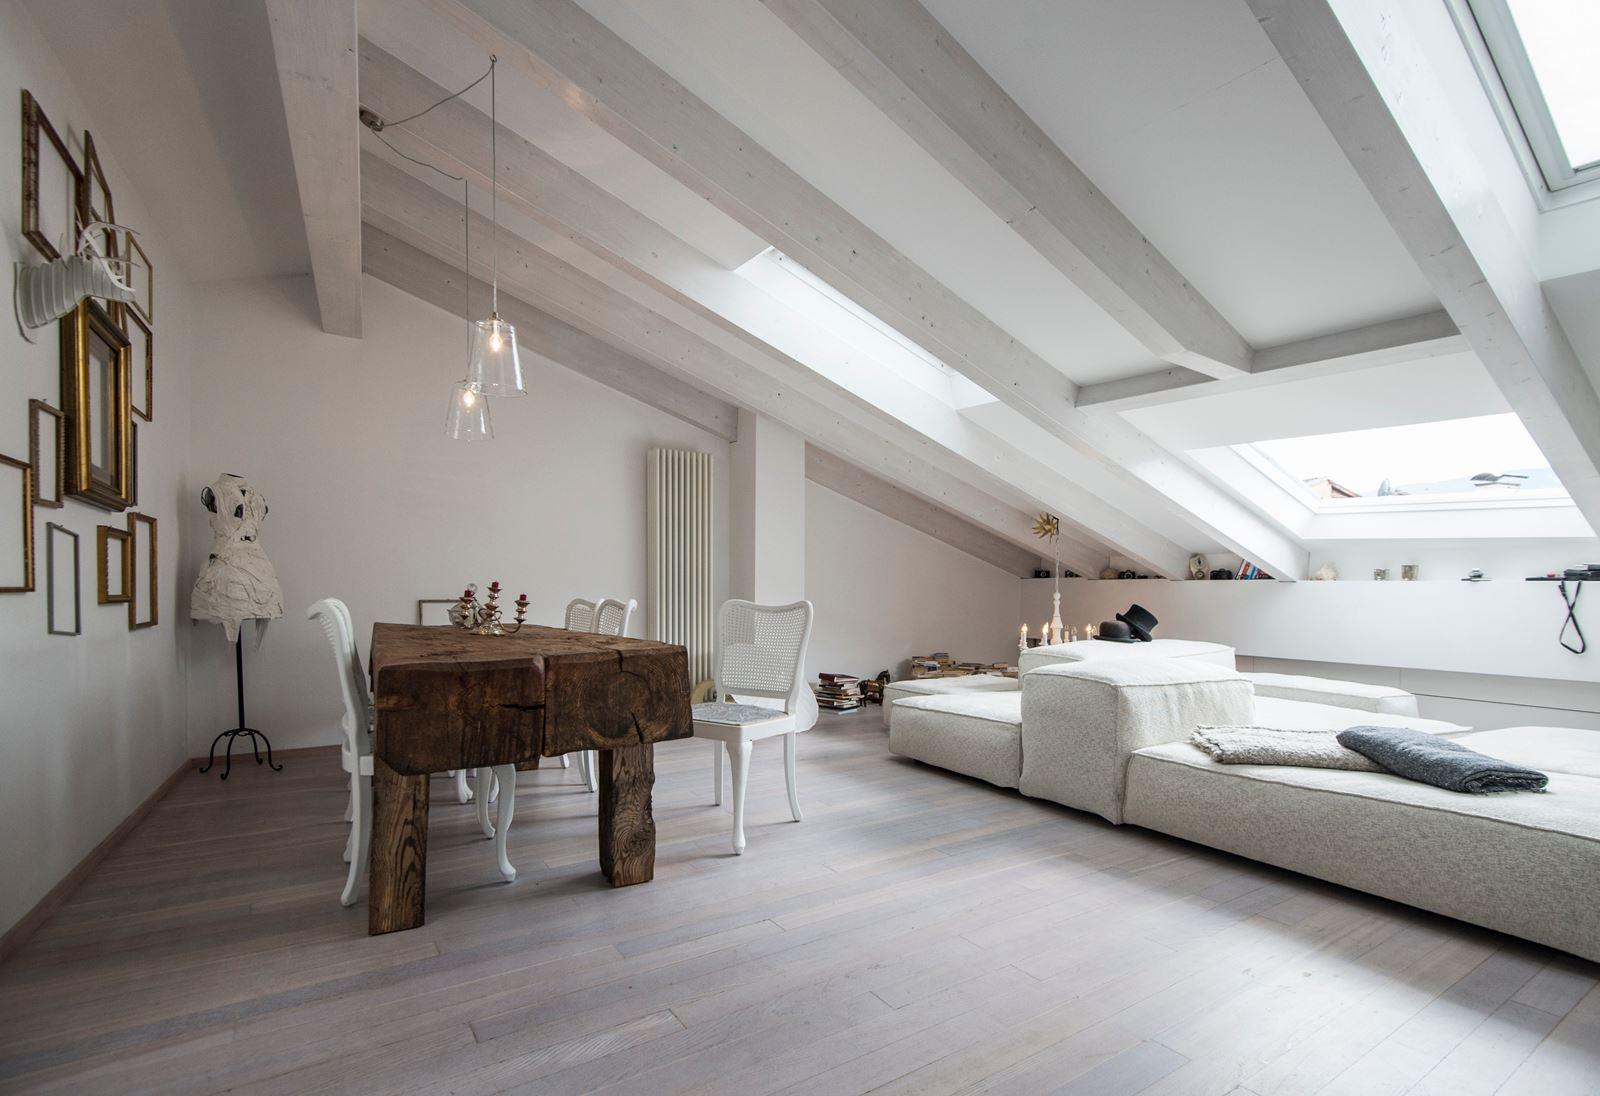 Super Abbinare bianco e legno in mansarda - Mansarda.it DN55